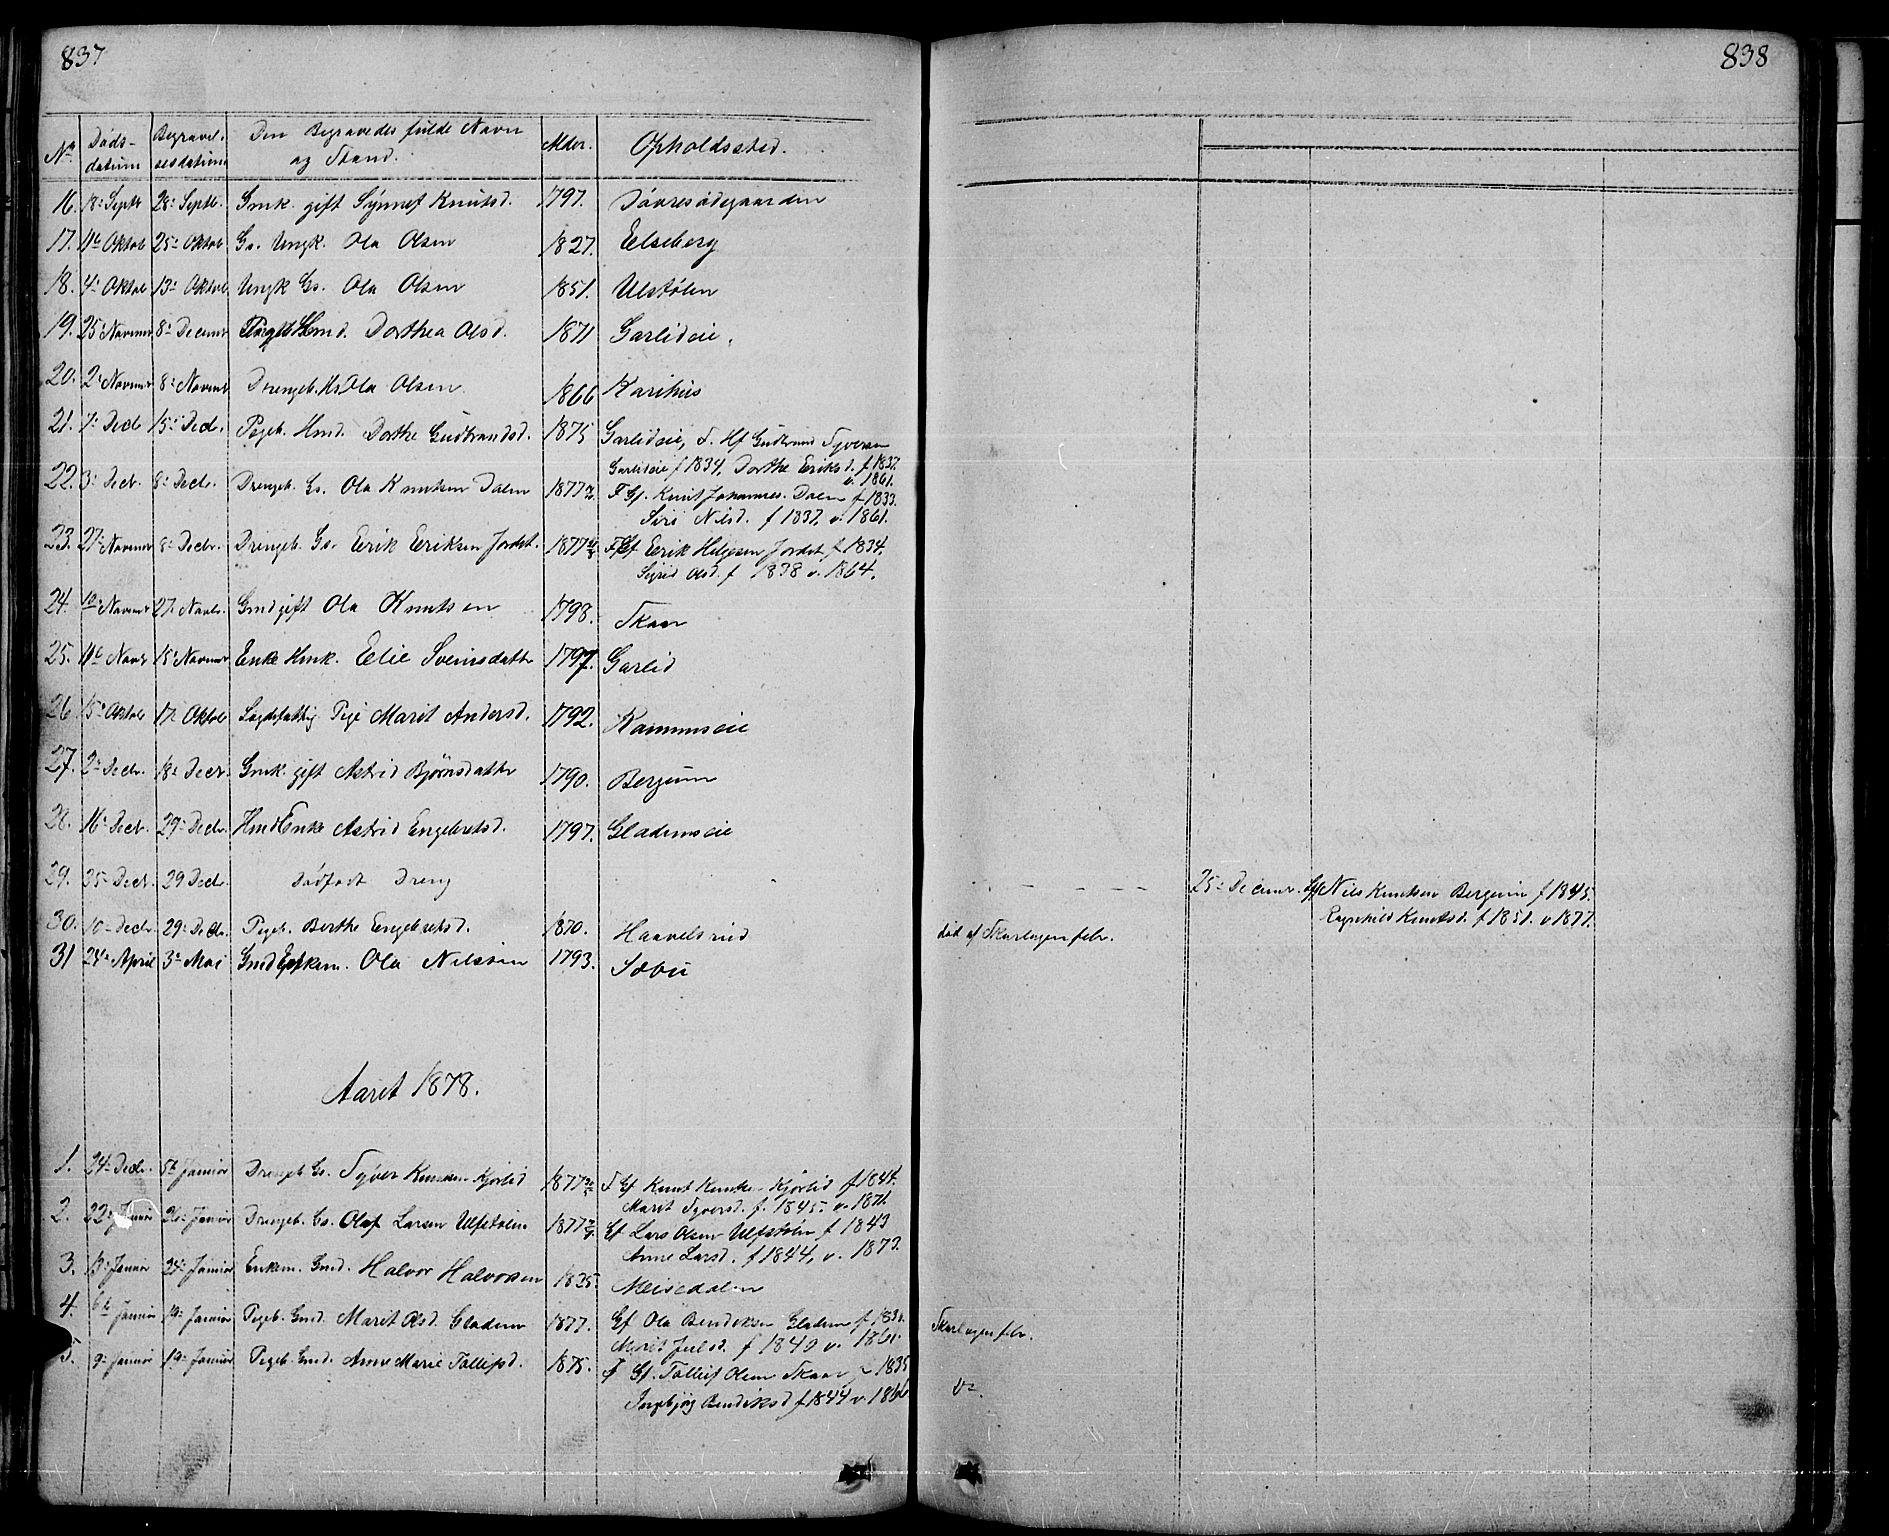 SAH, Nord-Aurdal prestekontor, Klokkerbok nr. 1, 1834-1887, s. 837-838